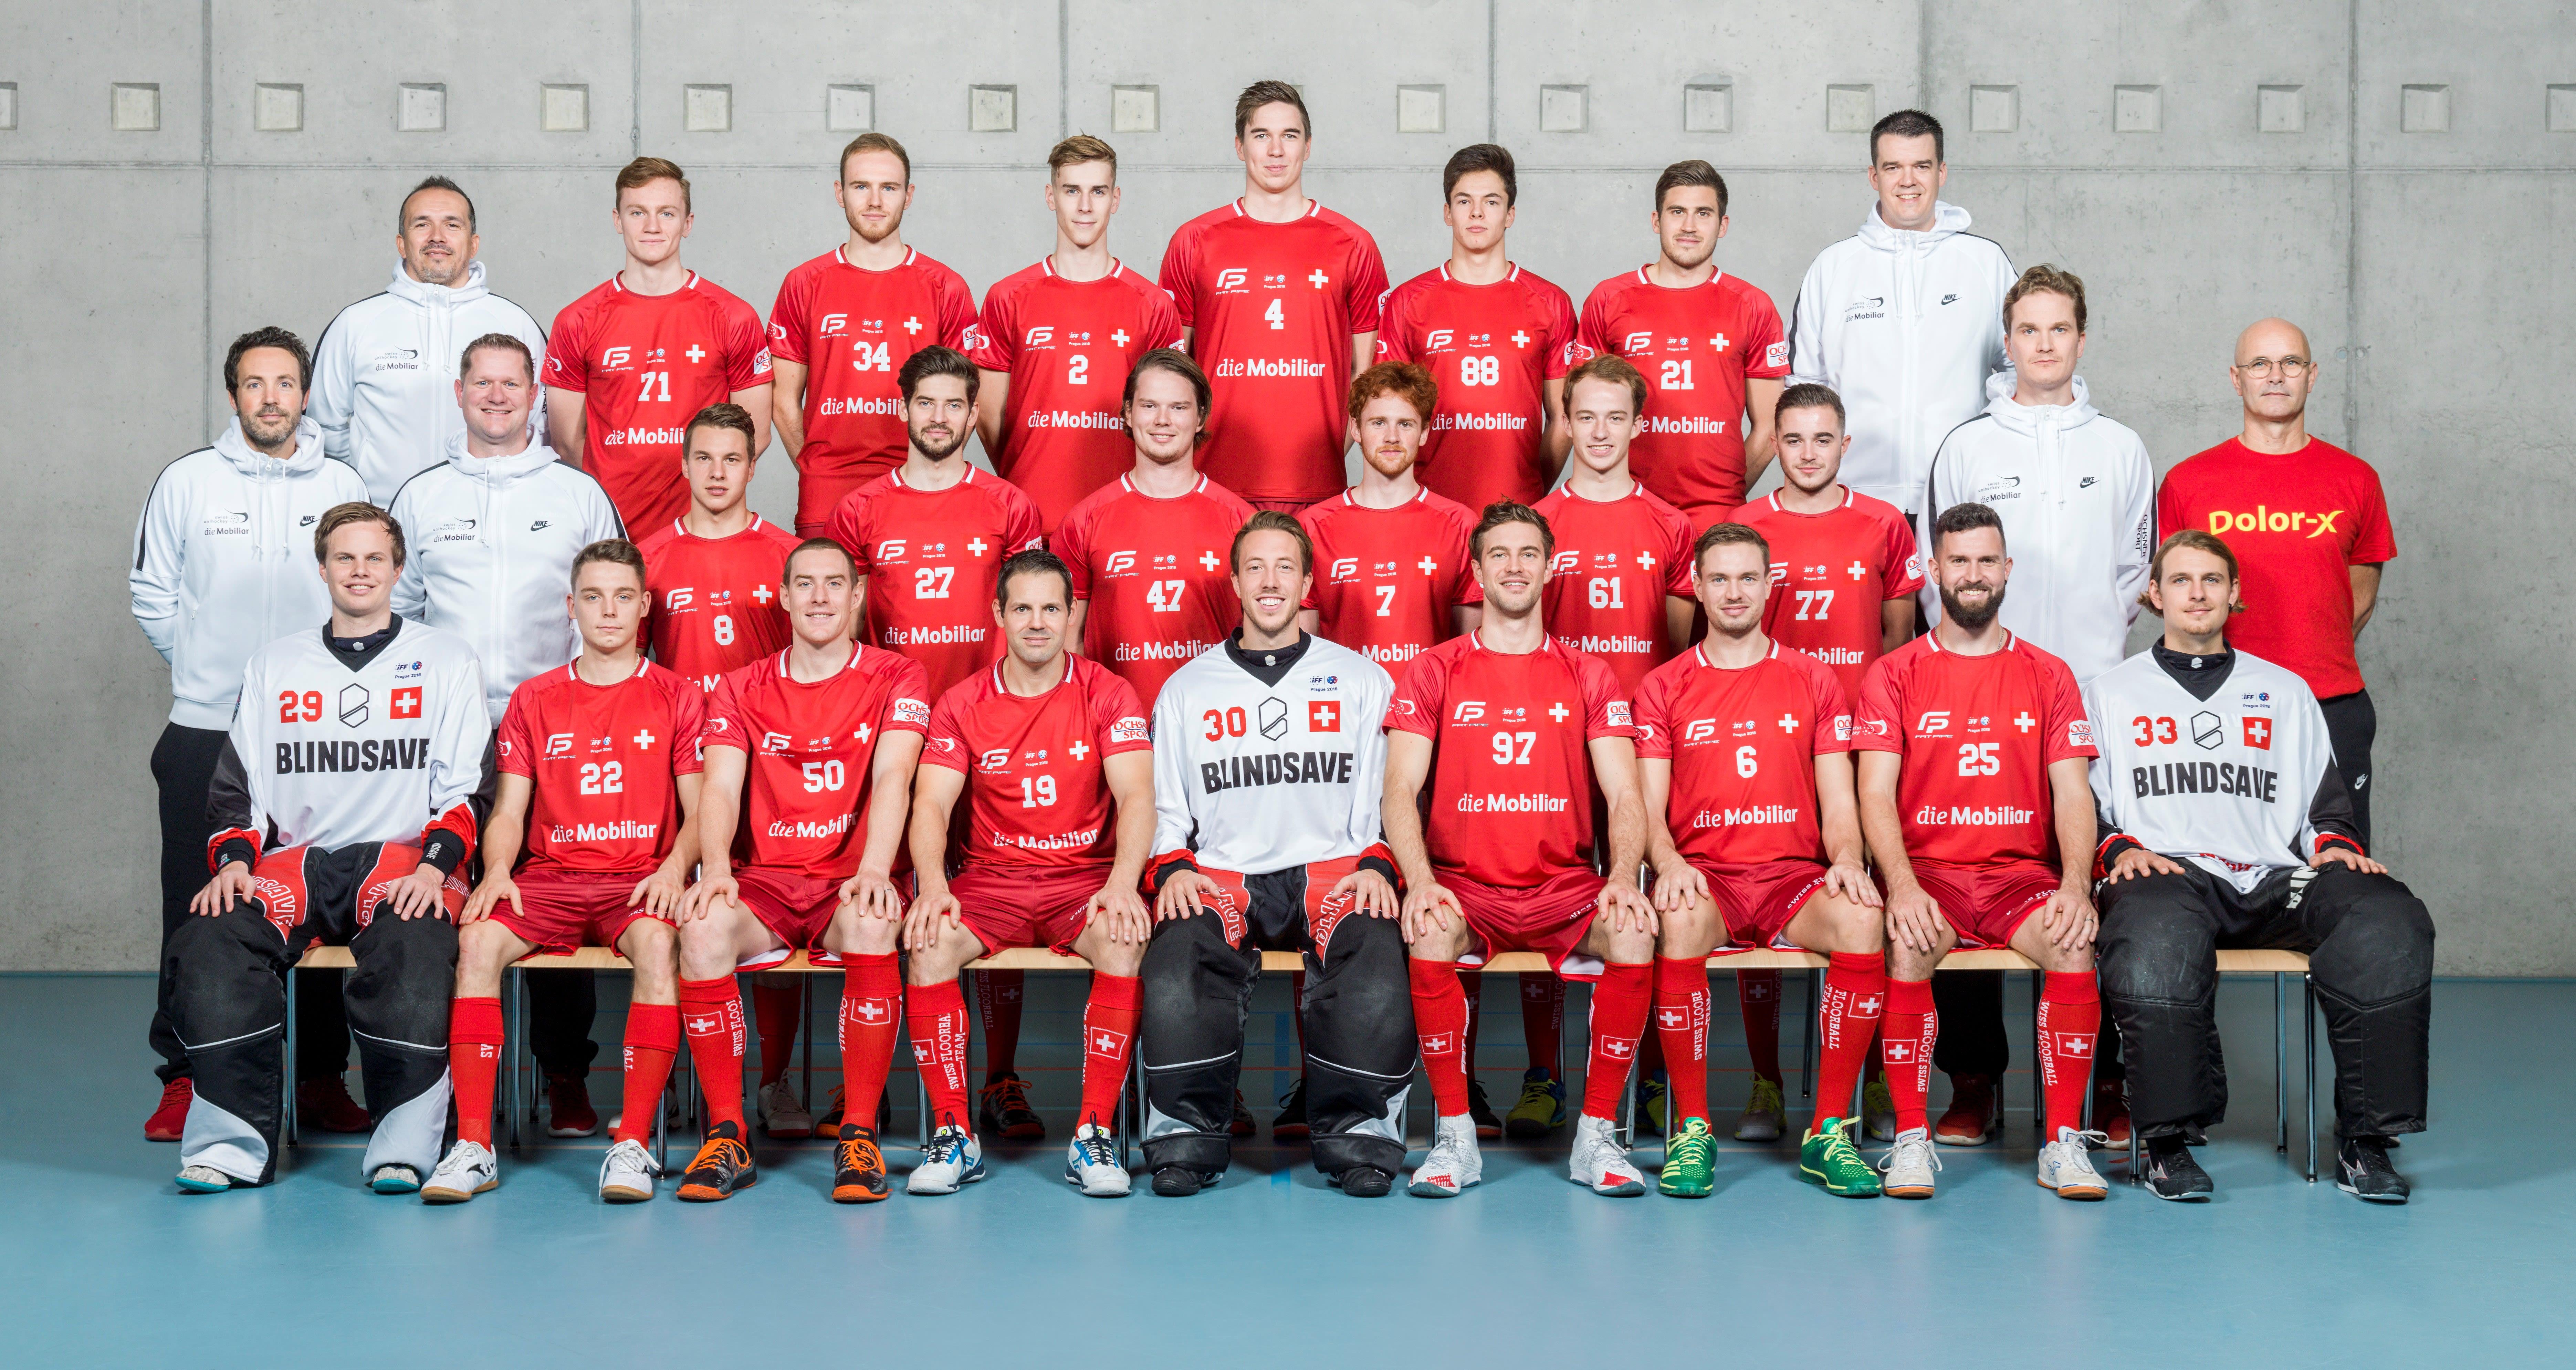 Nationalmannschaft Teamfoto_zugeschnitten.jpg